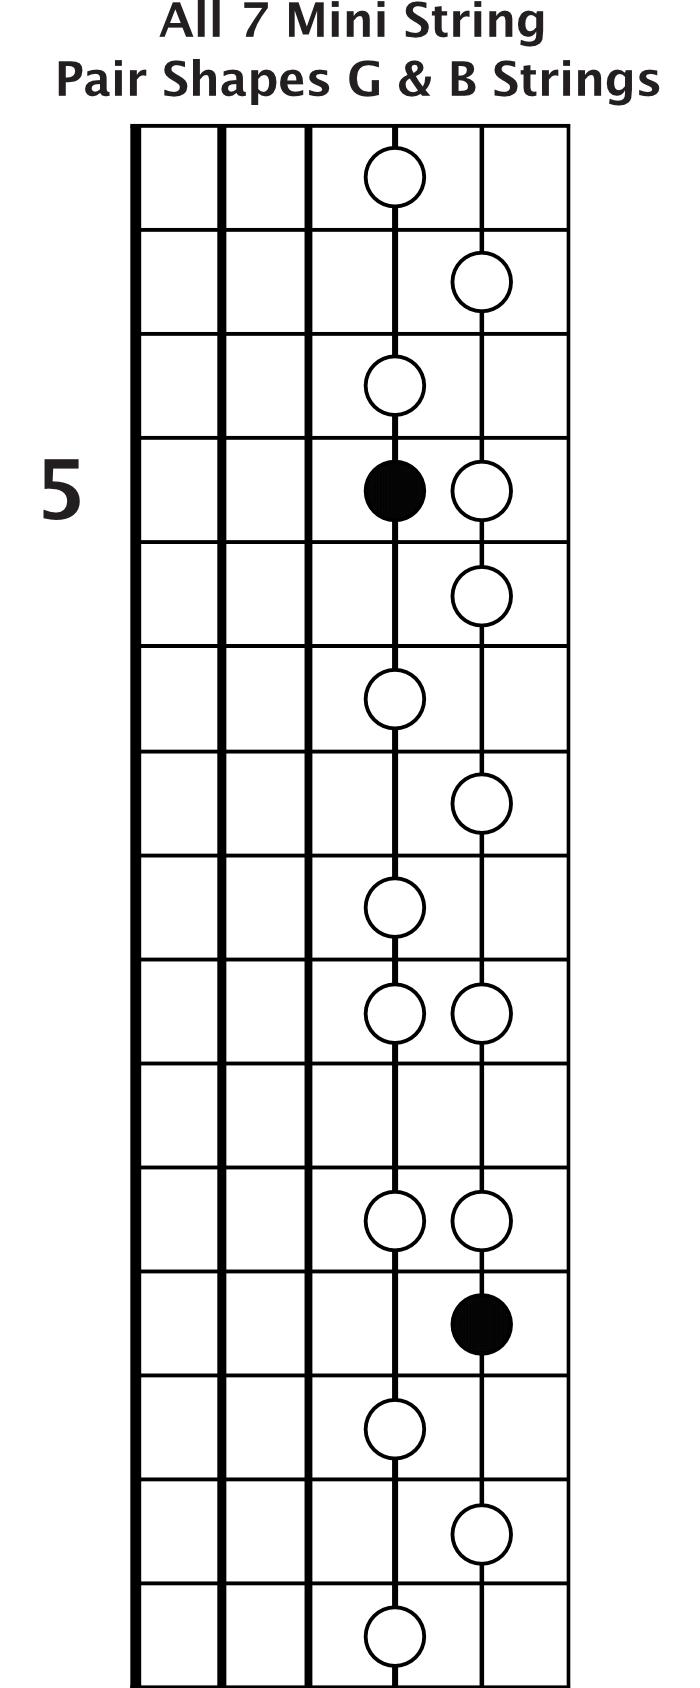 G & B Strings